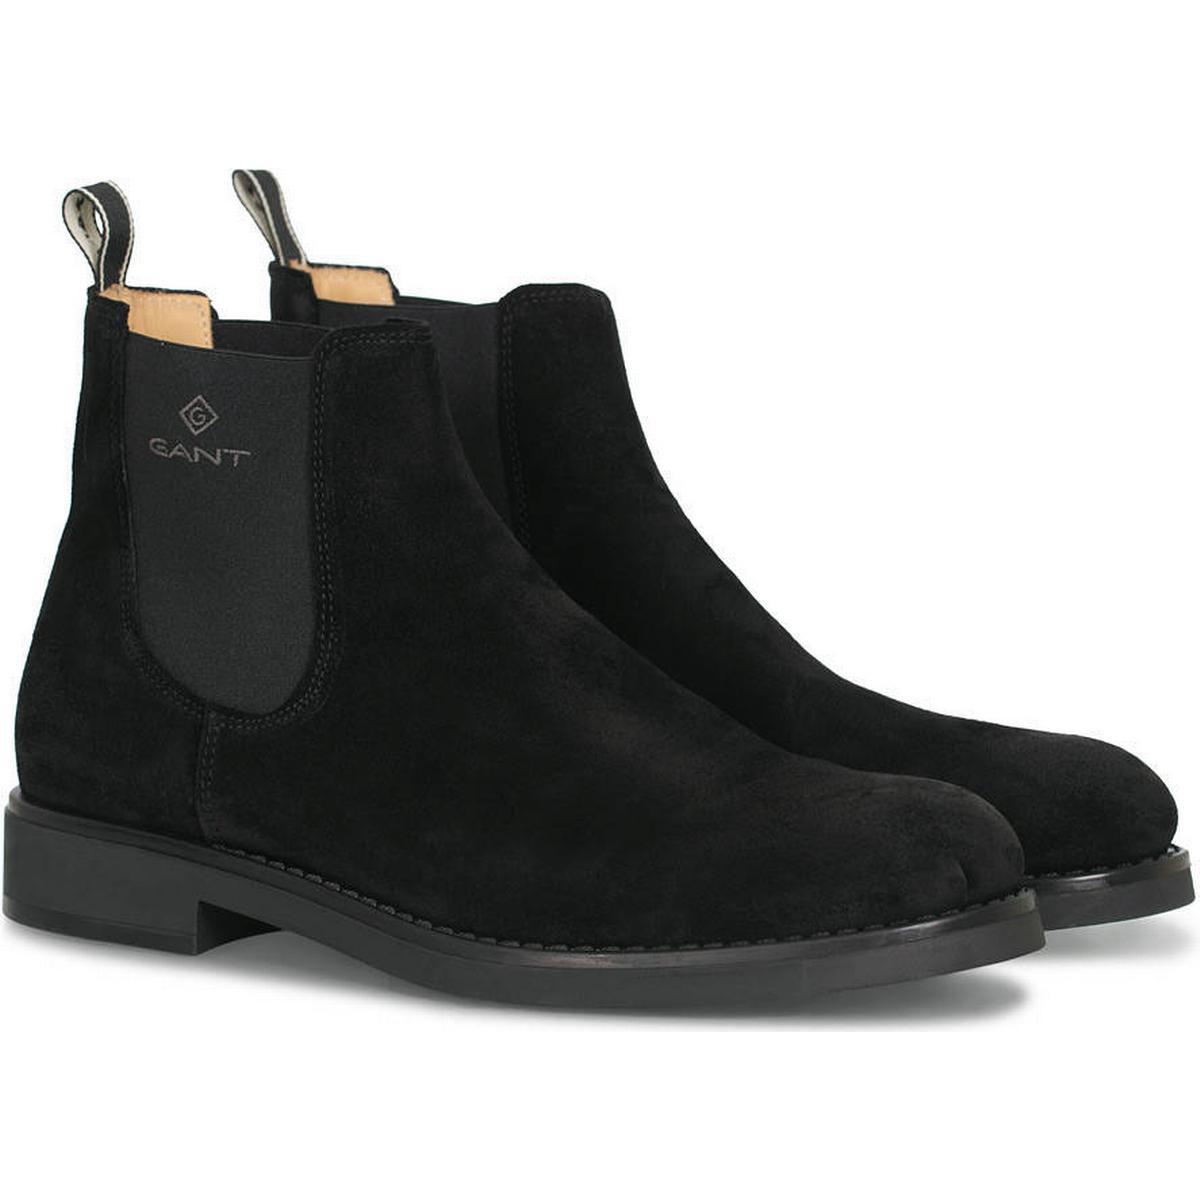 Gant Chelsea boots (500+ produkter) hos PriceRunner • Se